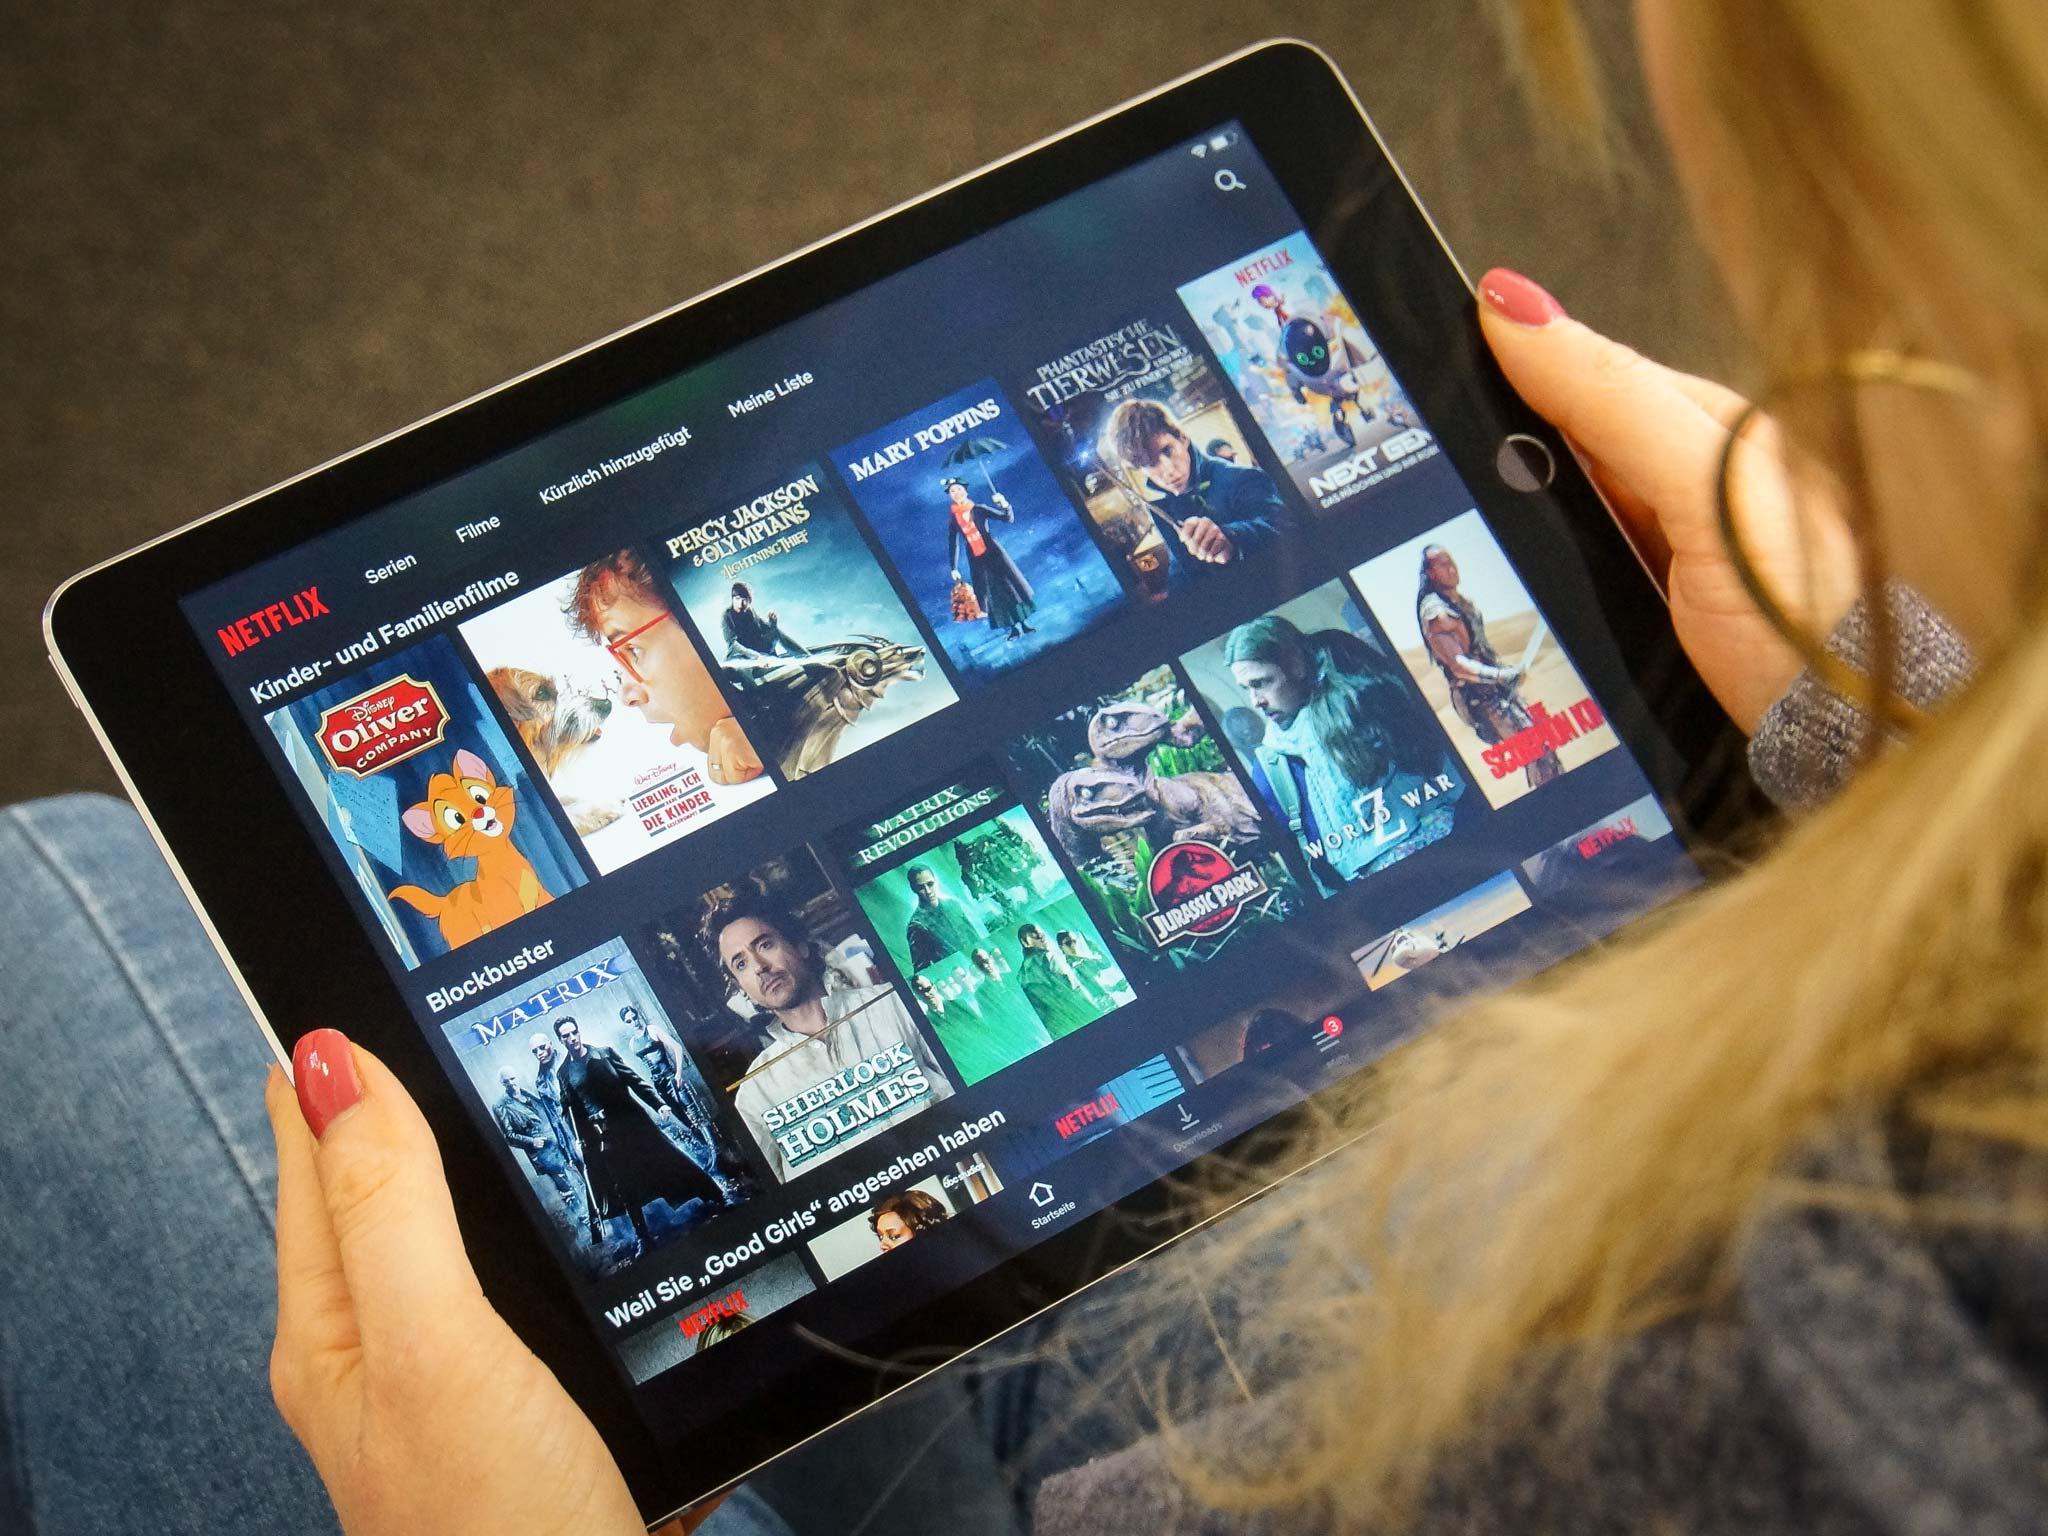 Netflix schnell & ohne Verzögerungen streamen. Symbolfoto: Dominik Ziegler